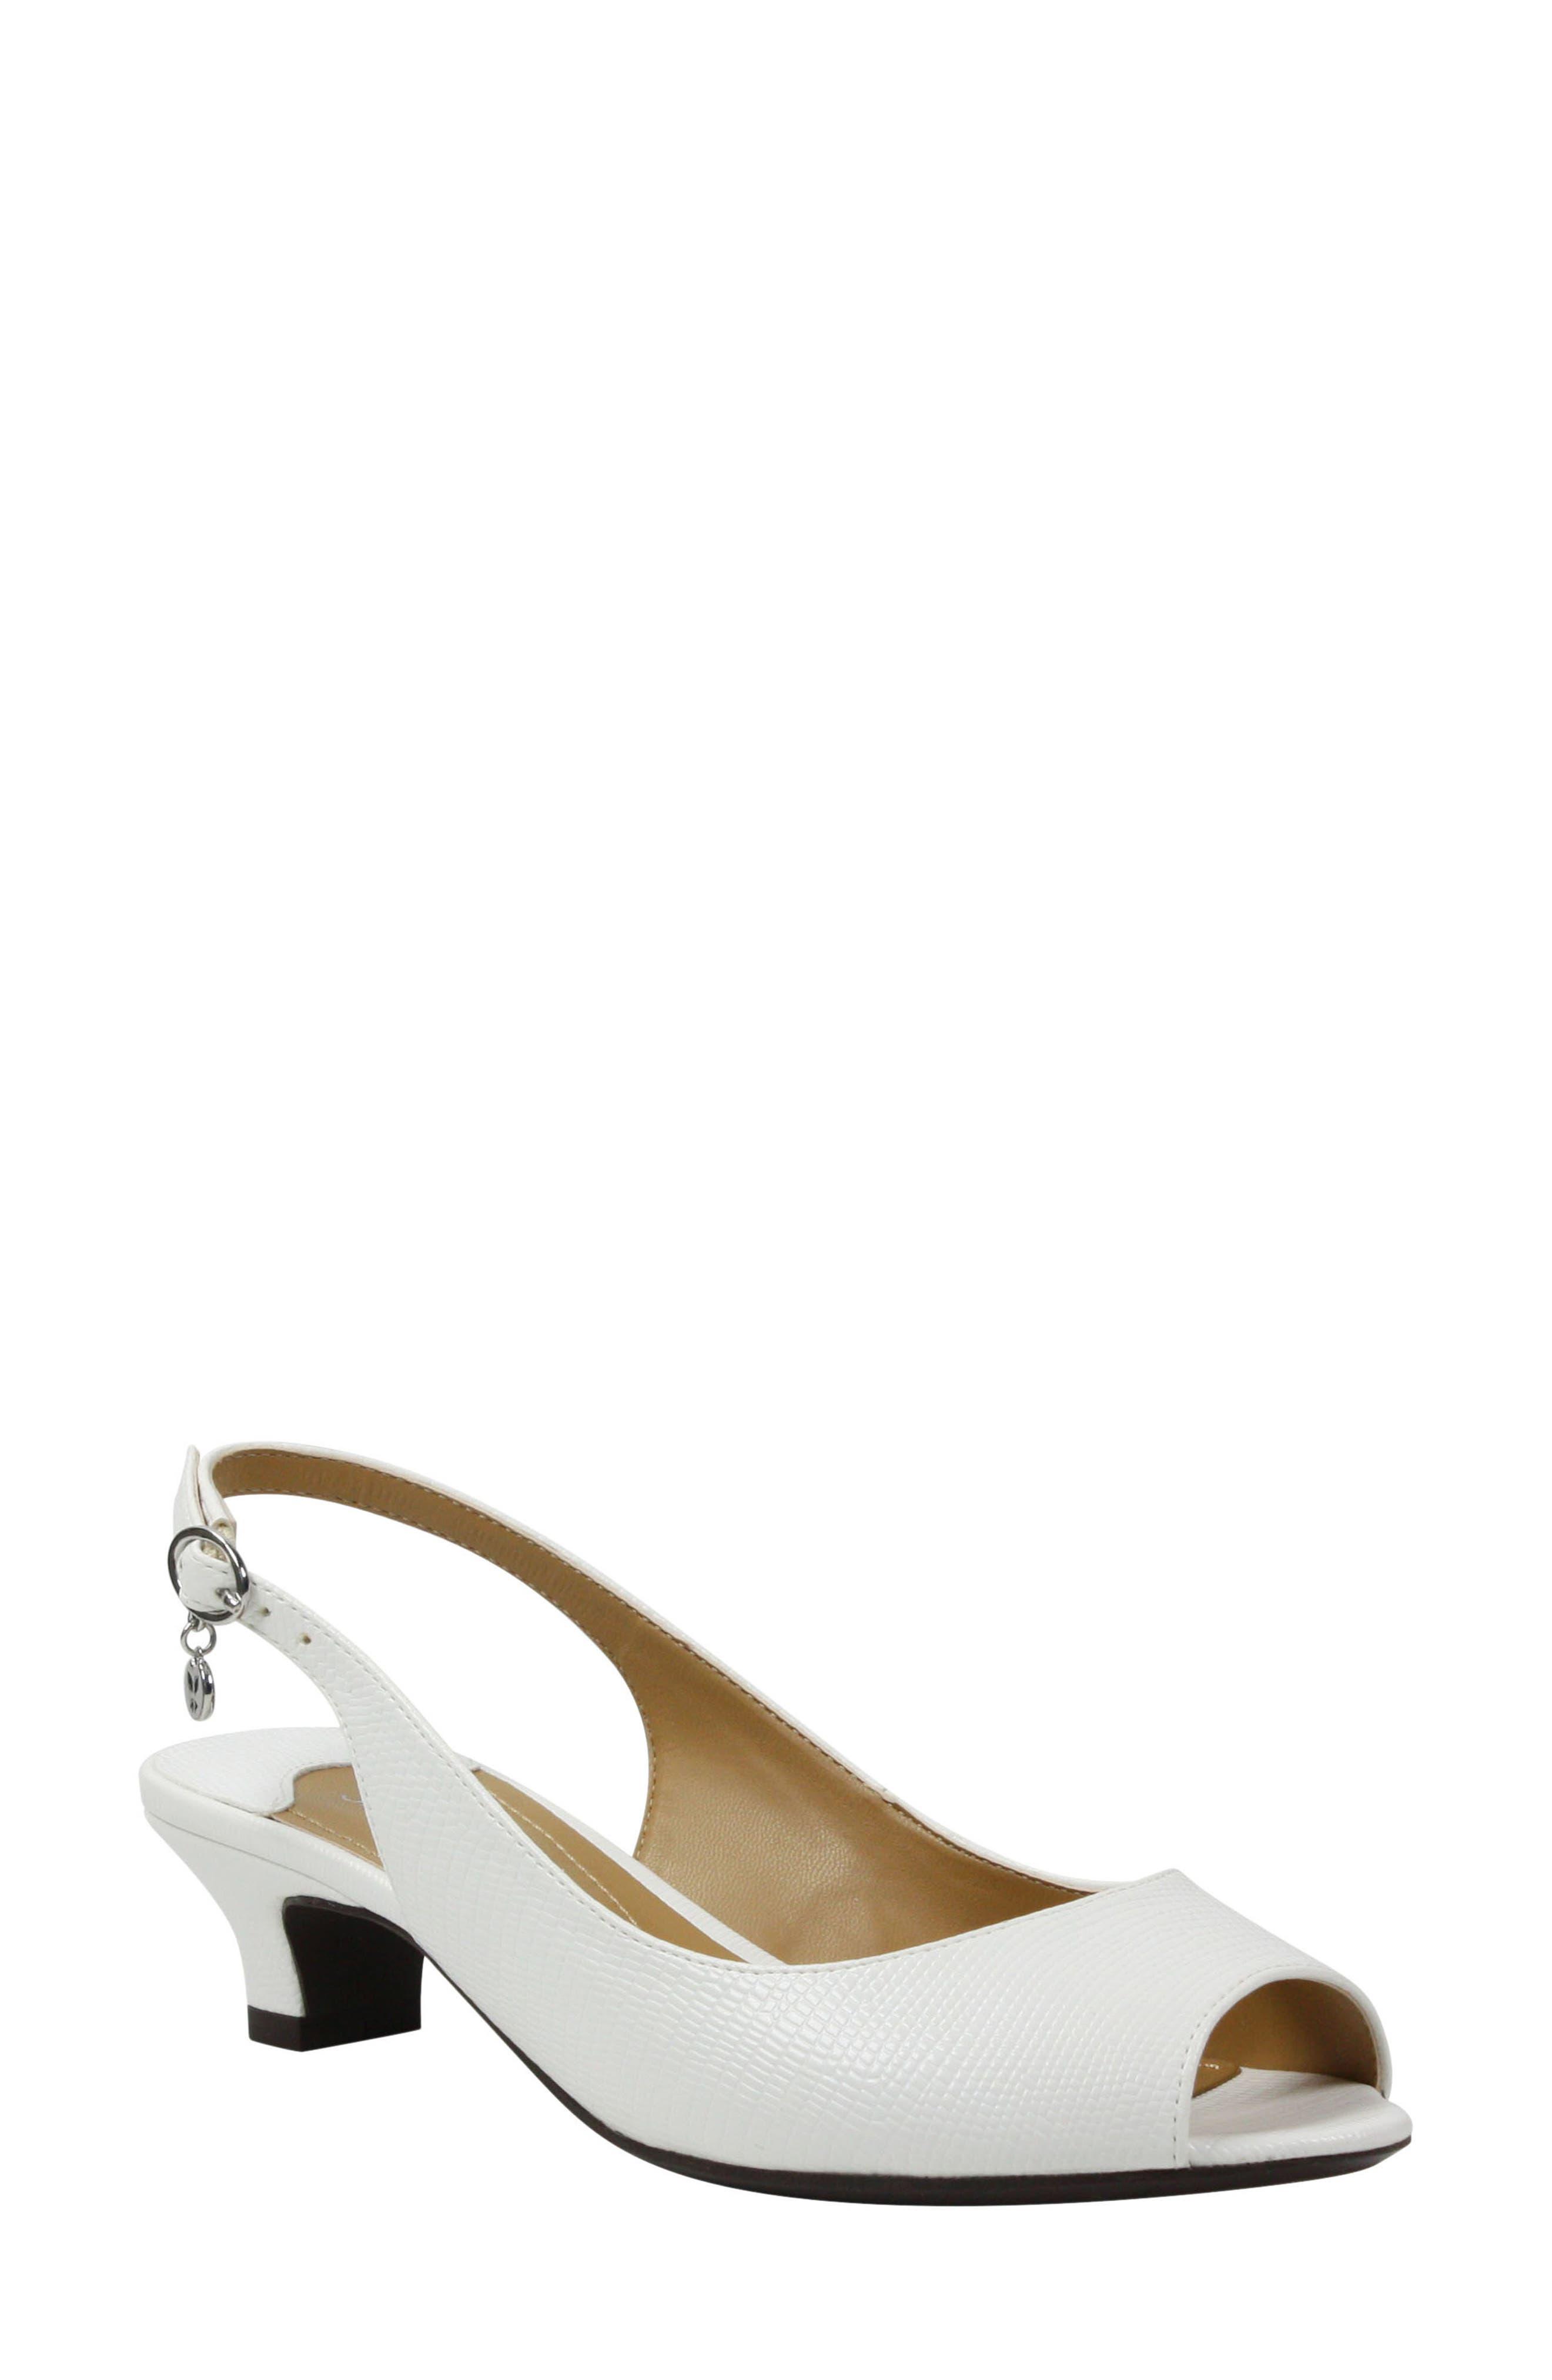 Jenvey Slingback Sandal,                             Main thumbnail 1, color,                             WHITE LIZARD PRINT